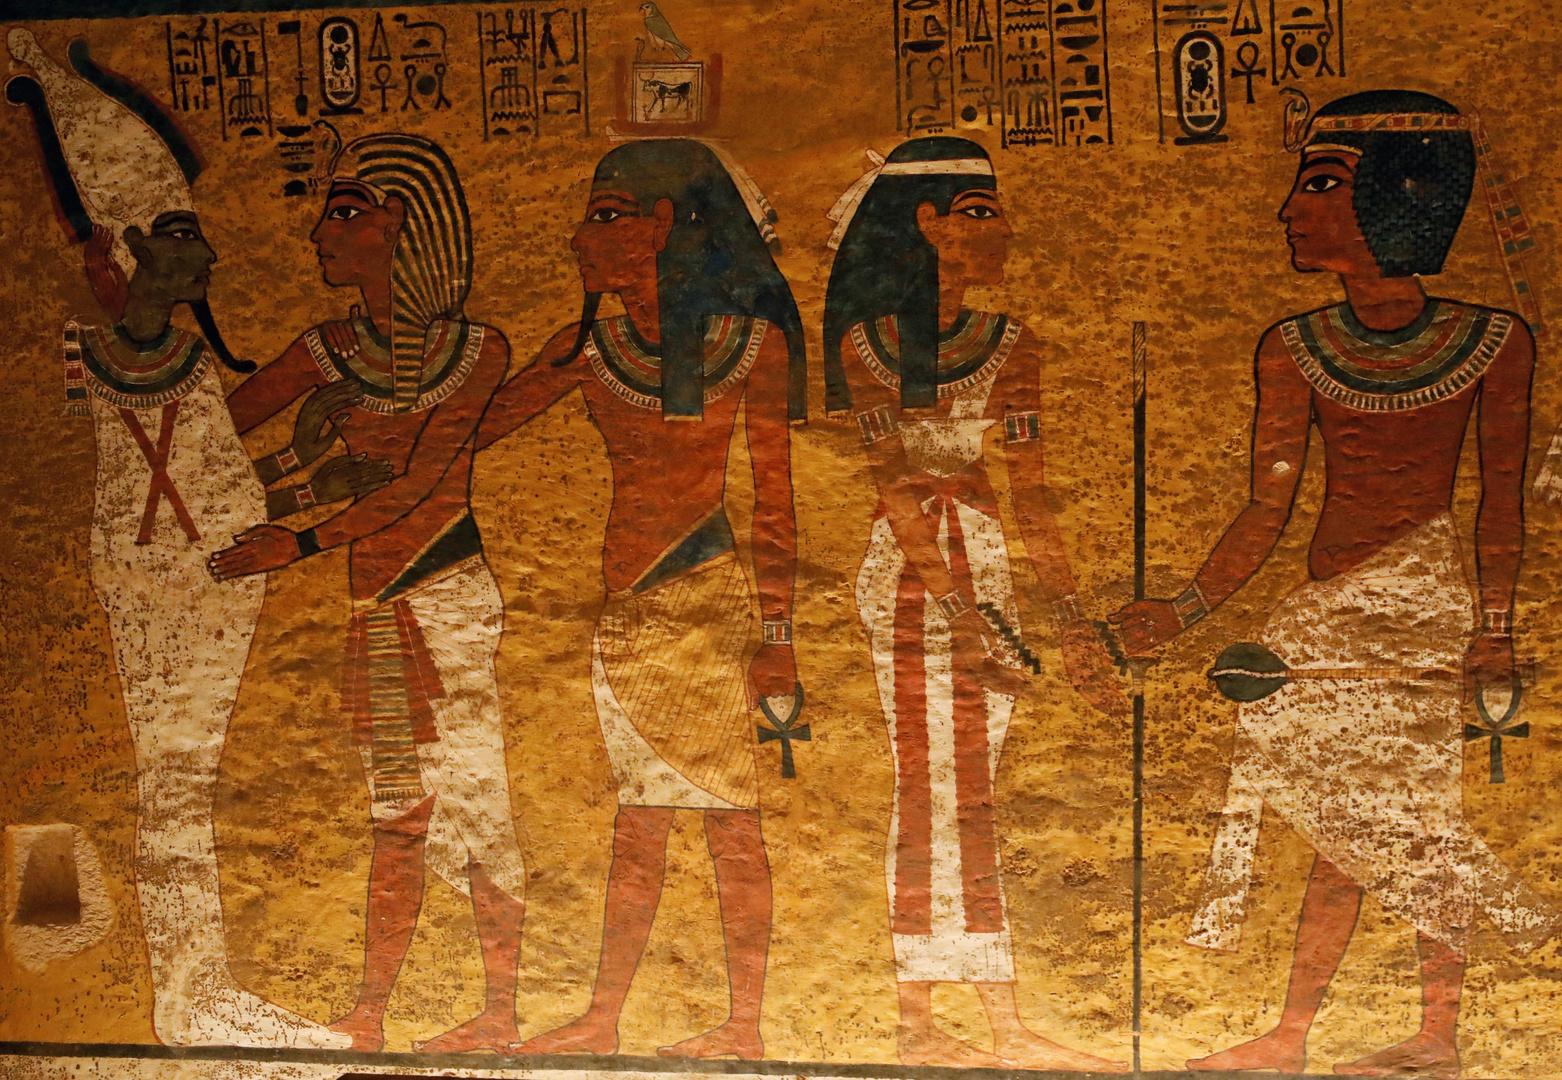 كبير الأثريين بوزارة الآثار المصرية يكشف عن وجود الحج وذبح الأضاحي لدى الفراعنة